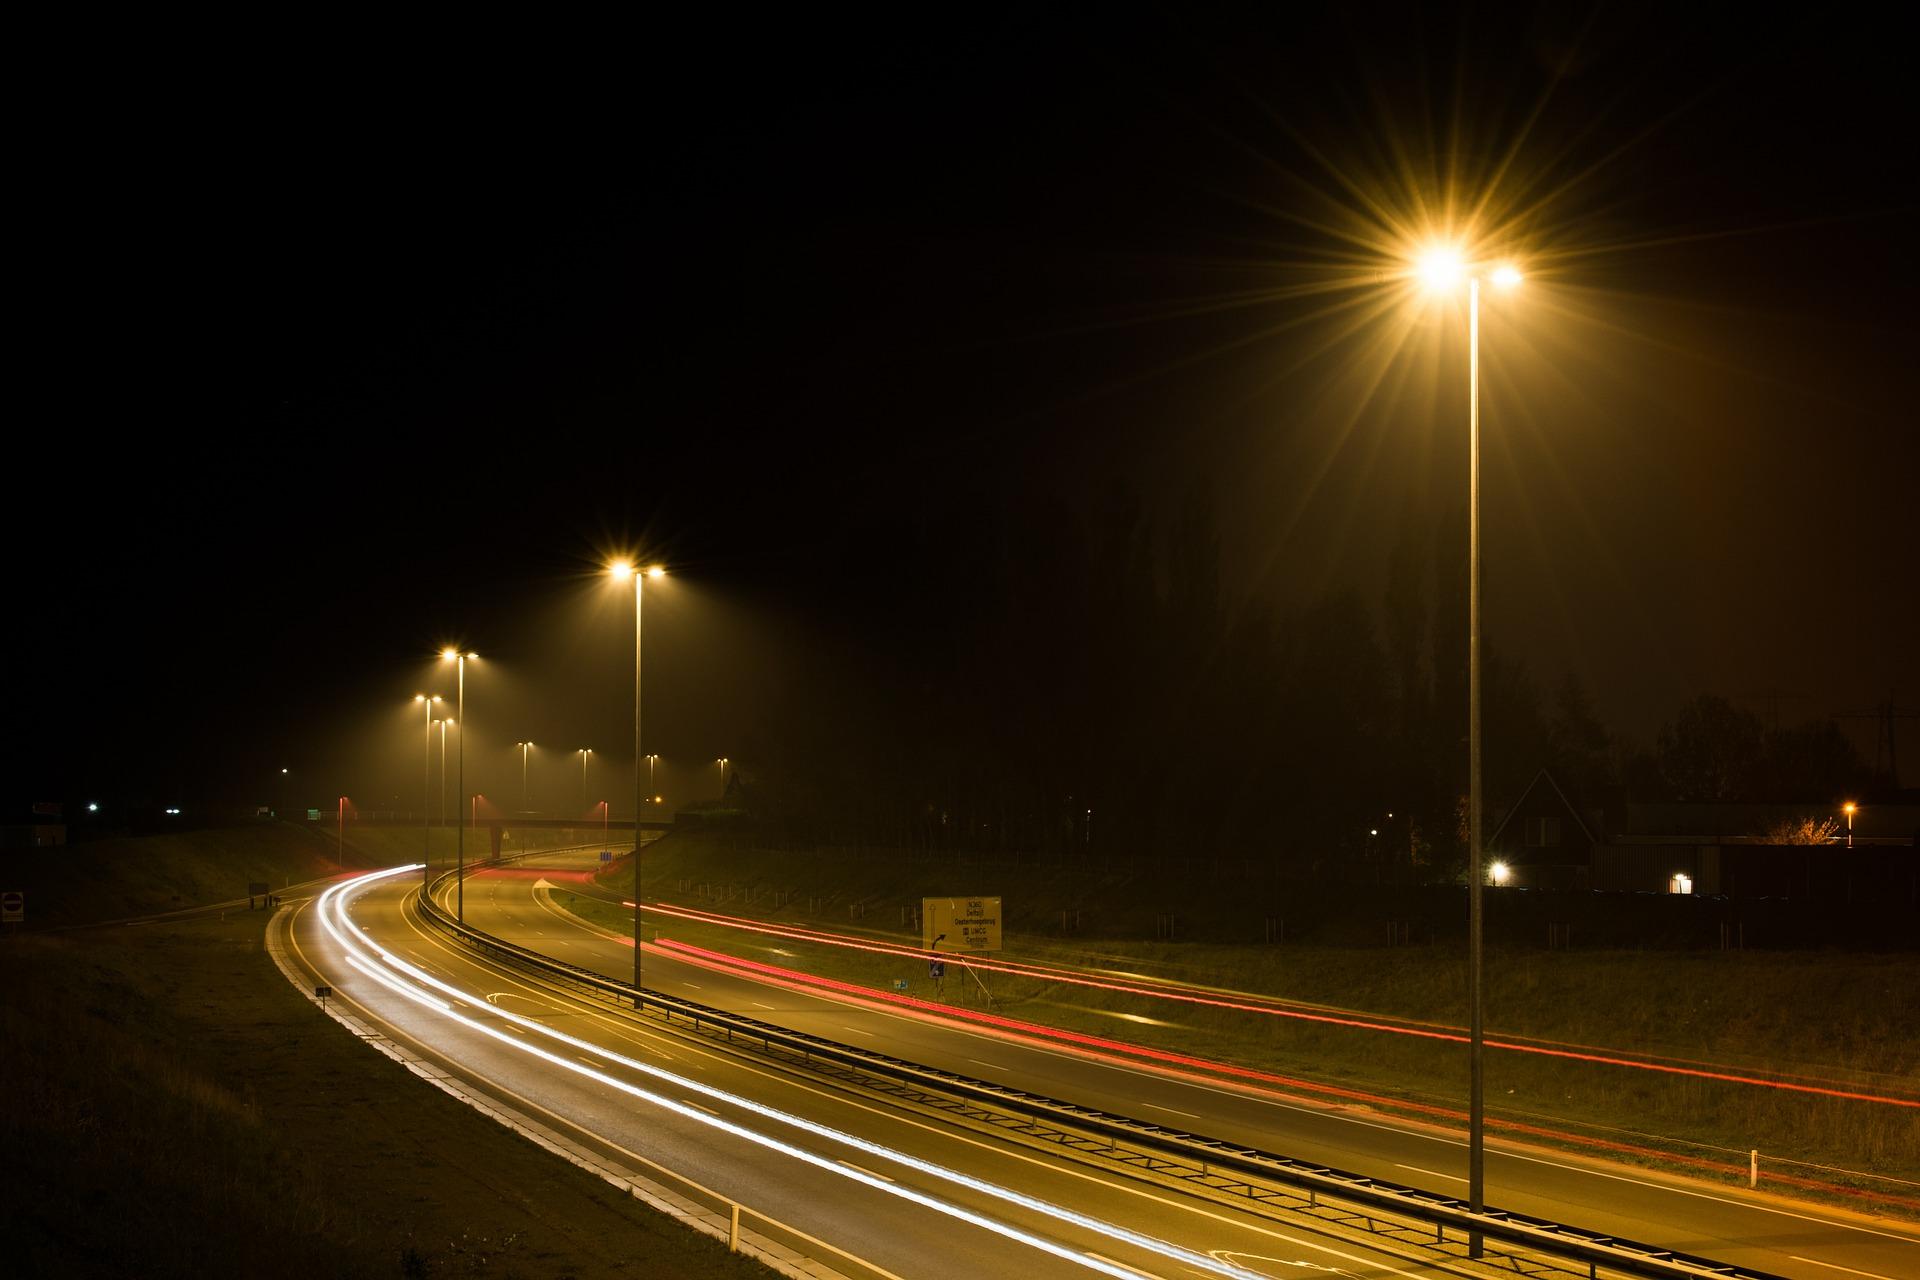 Straßenlaternen erleuchten die Nacht